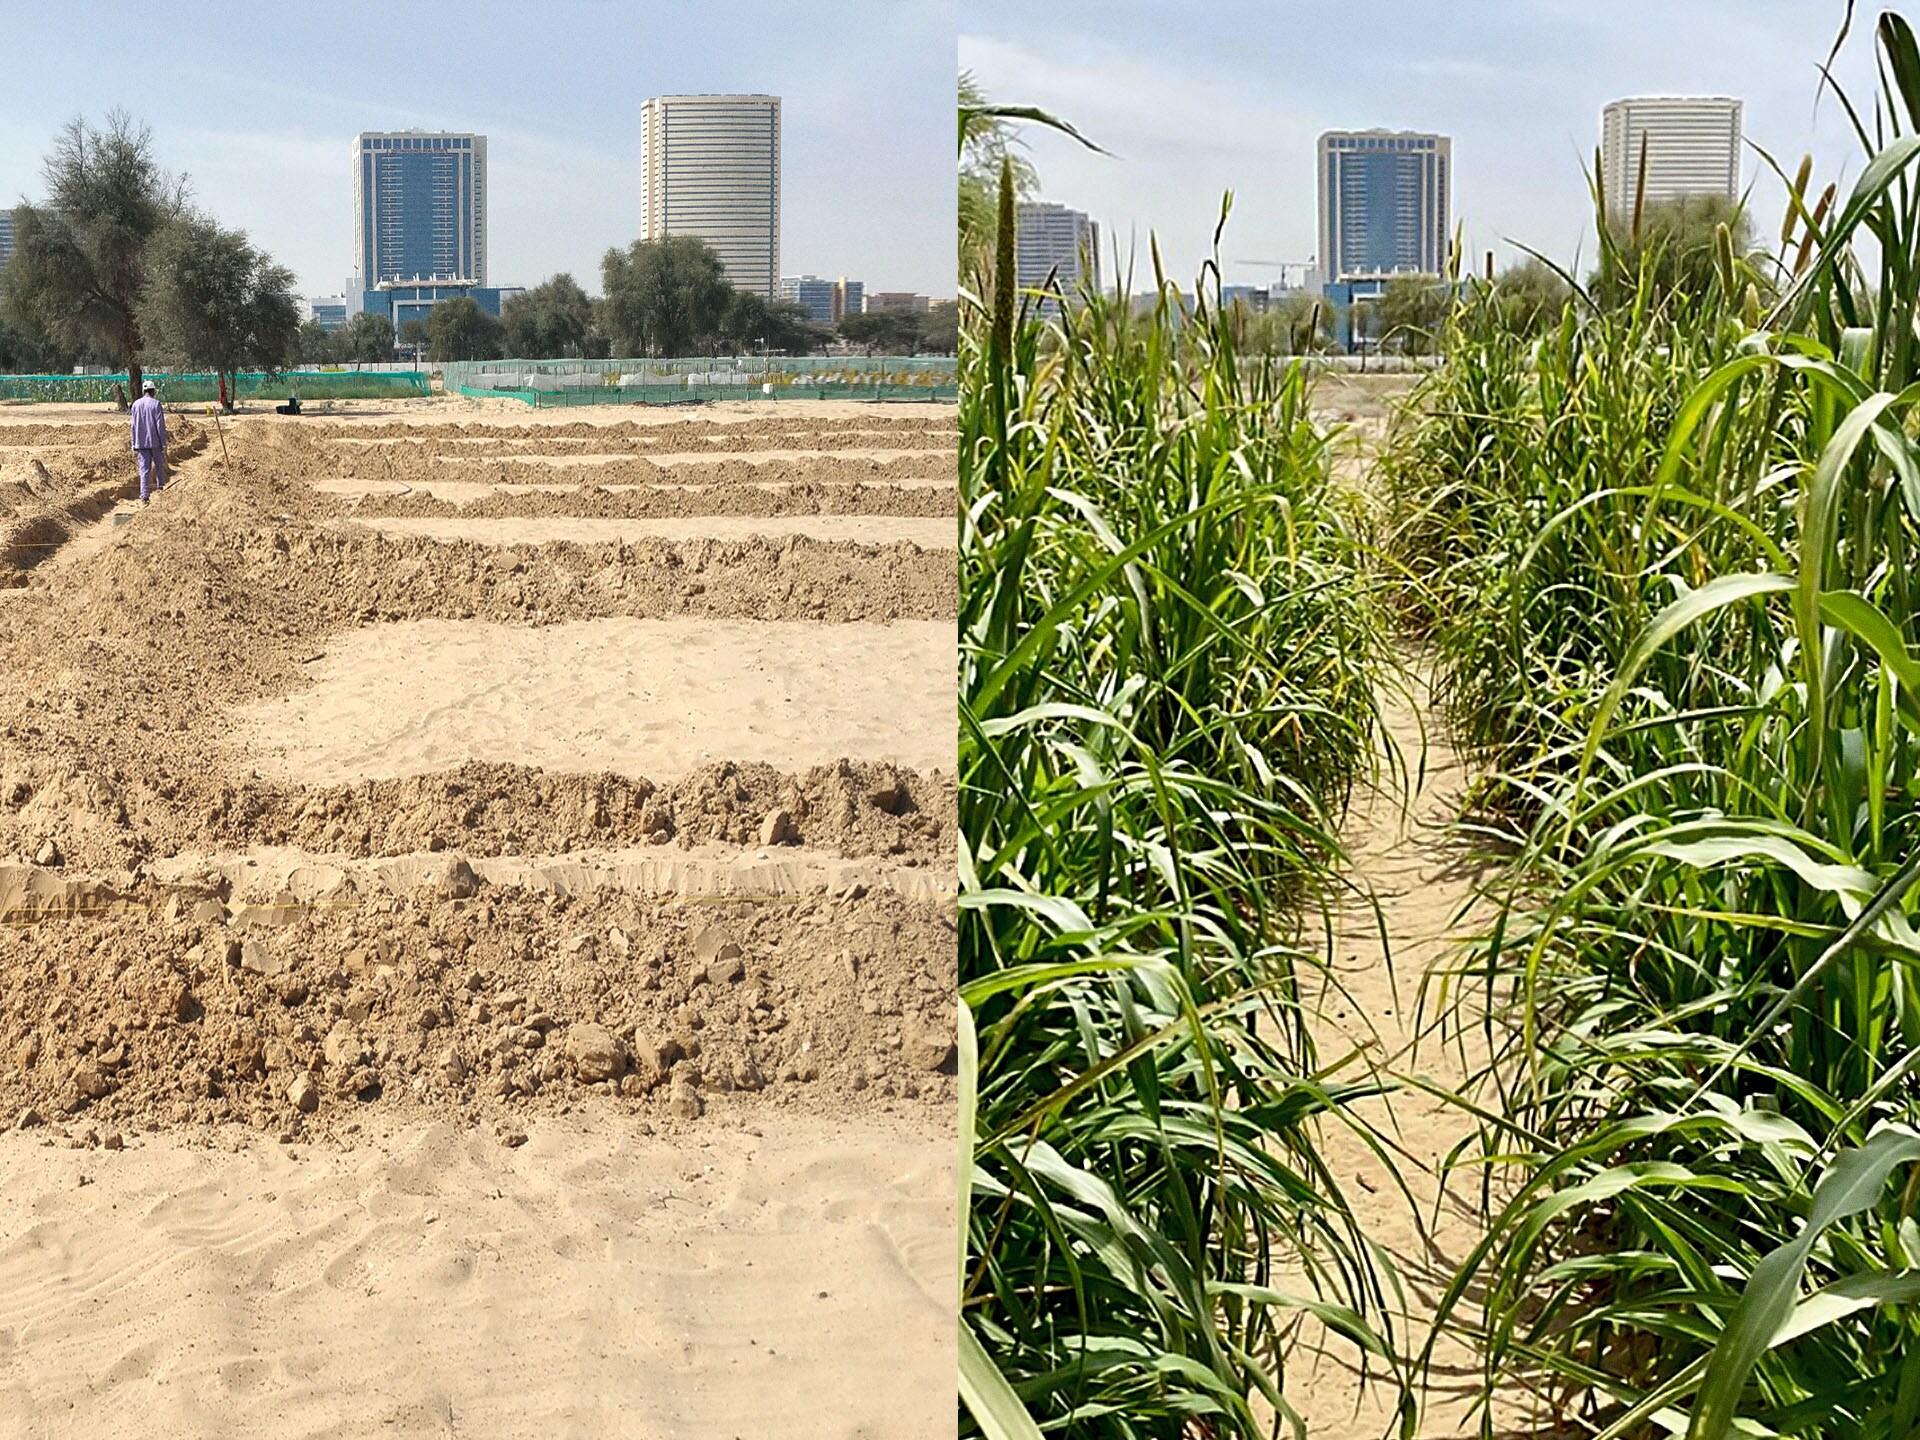 Liquid NanoClay je ime postopka, ki naravno glino pretvori v tekočino za sanacijo tal. Ta tekočina lahko obrne proces, ki tla spreminja v puščavo, sanira razgrajena tla in zmanjša porabo vode v zelenih ekosistemih.